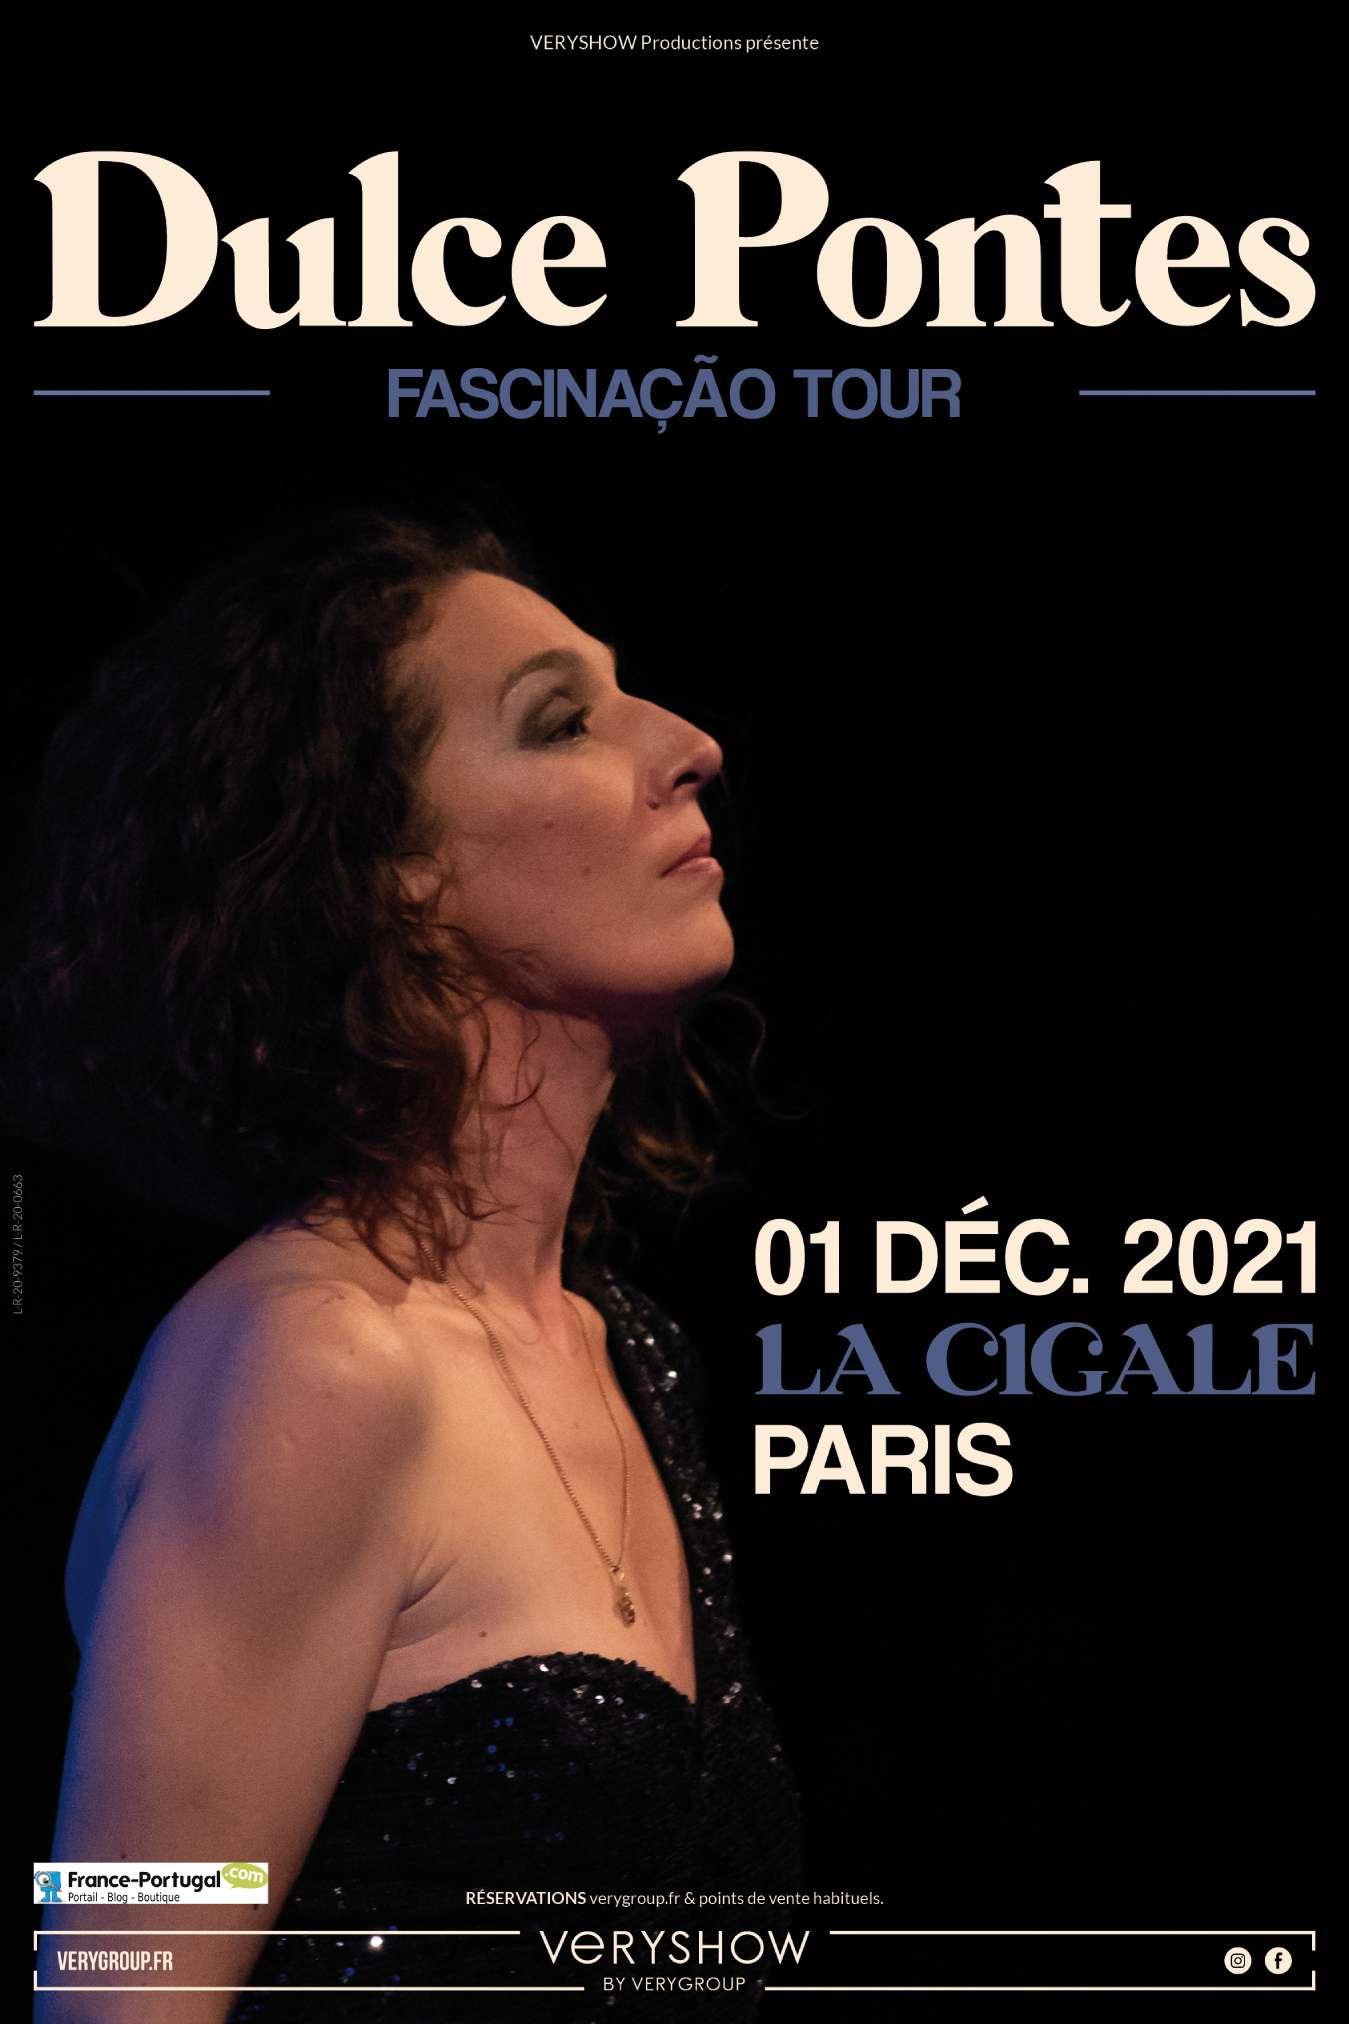 Concert de Dulce Pontes à La Cigale